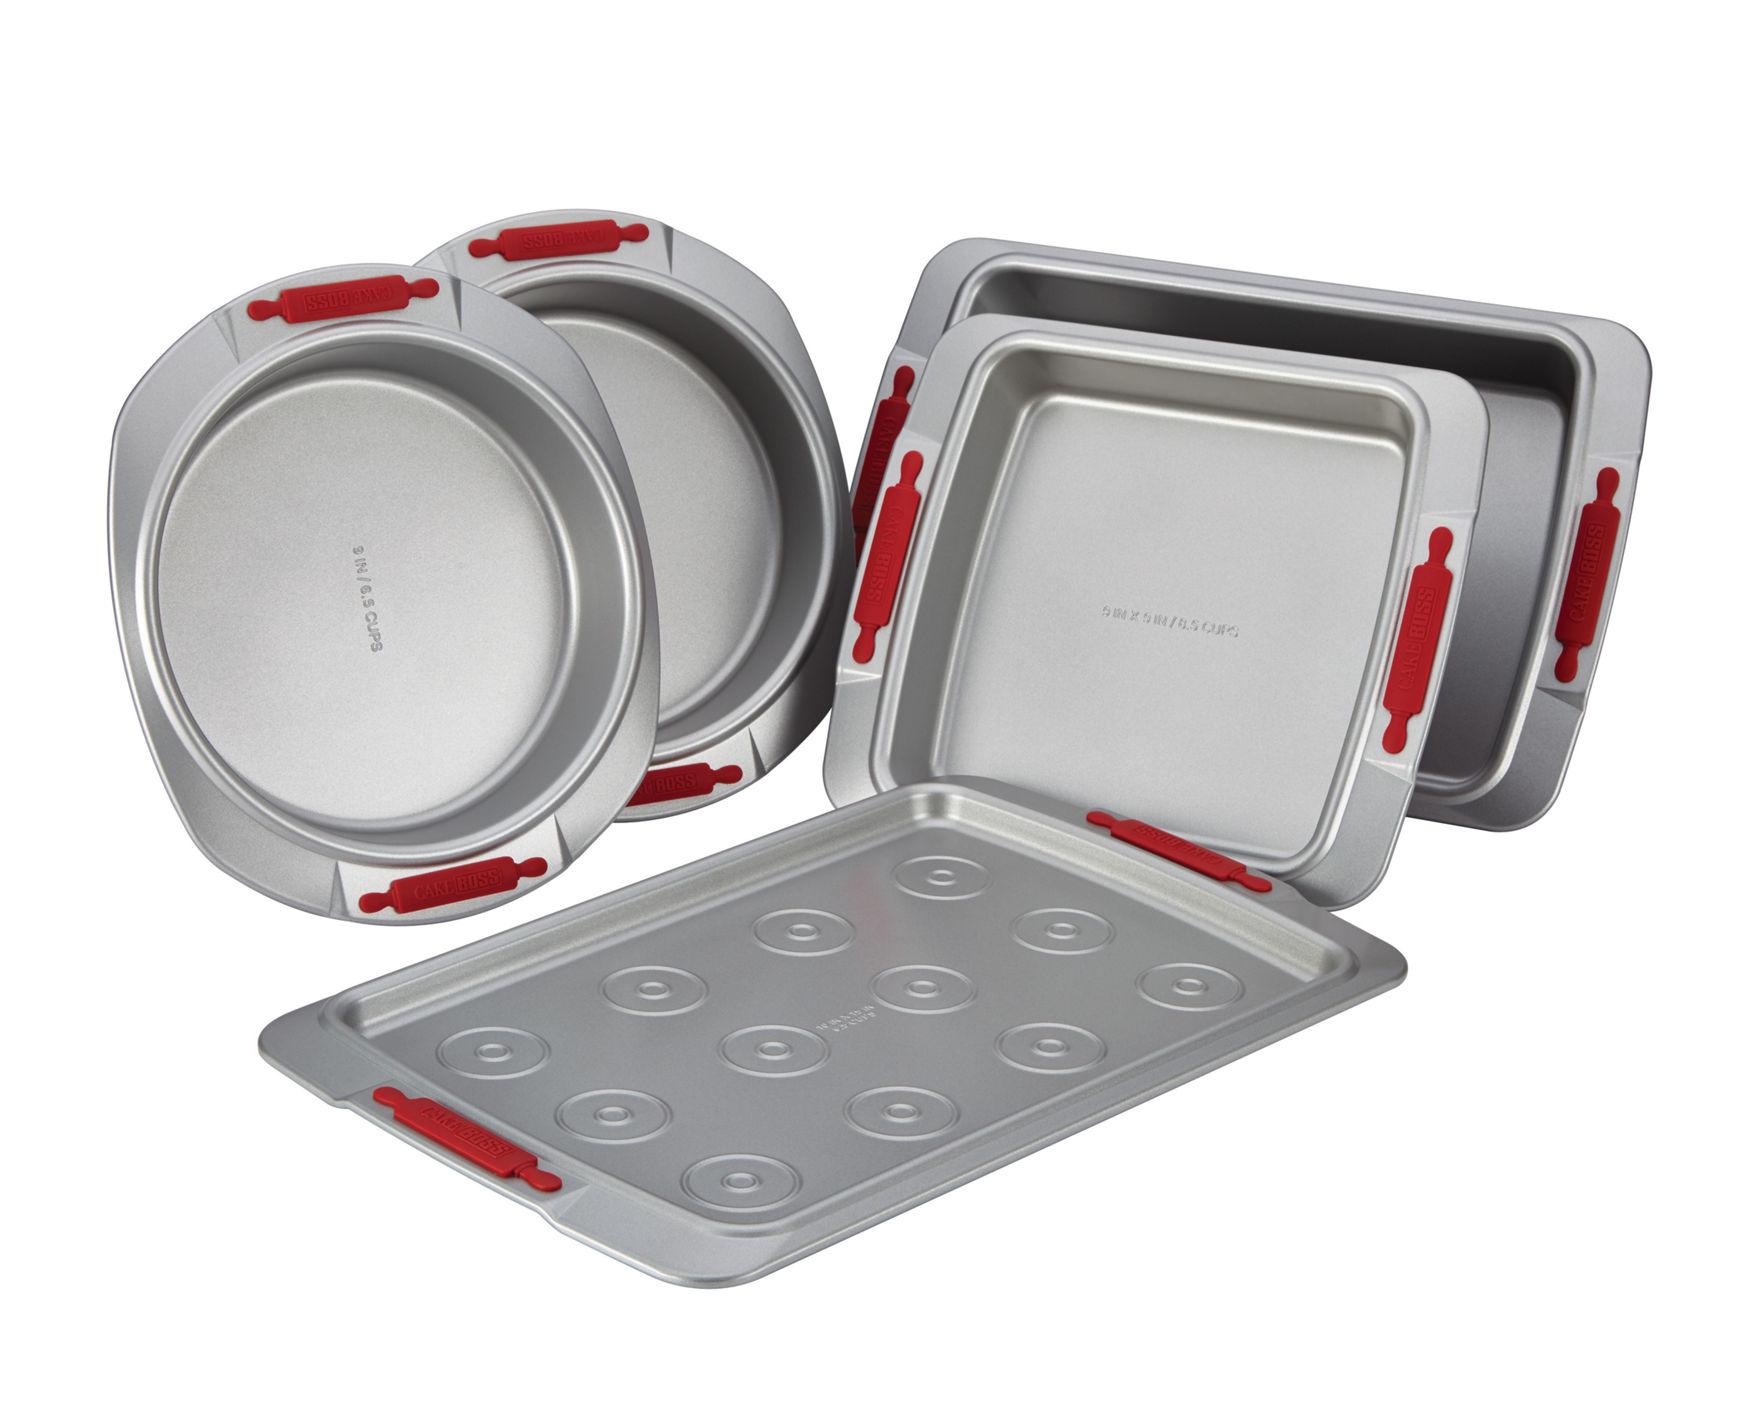 Cake Boss Grey Cookware Sets Cookware